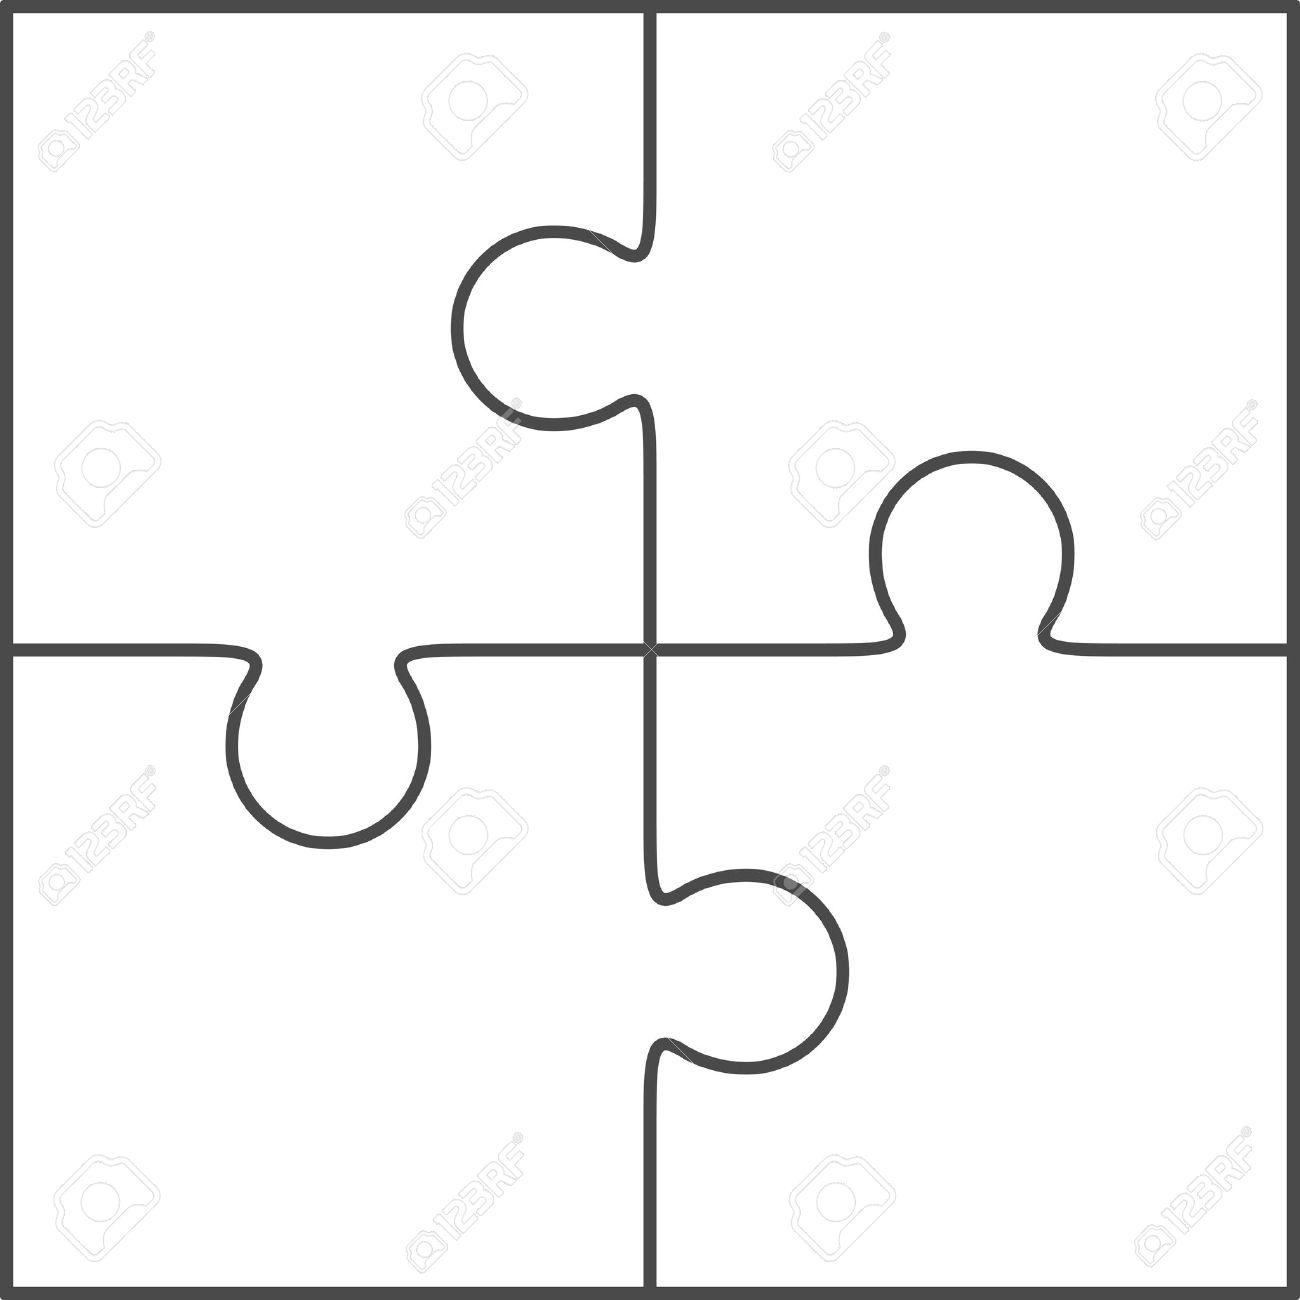 Jigsaw Puzzle-Vektor, Leere Einfache Vorlage 2x2, Vier Stücke ...